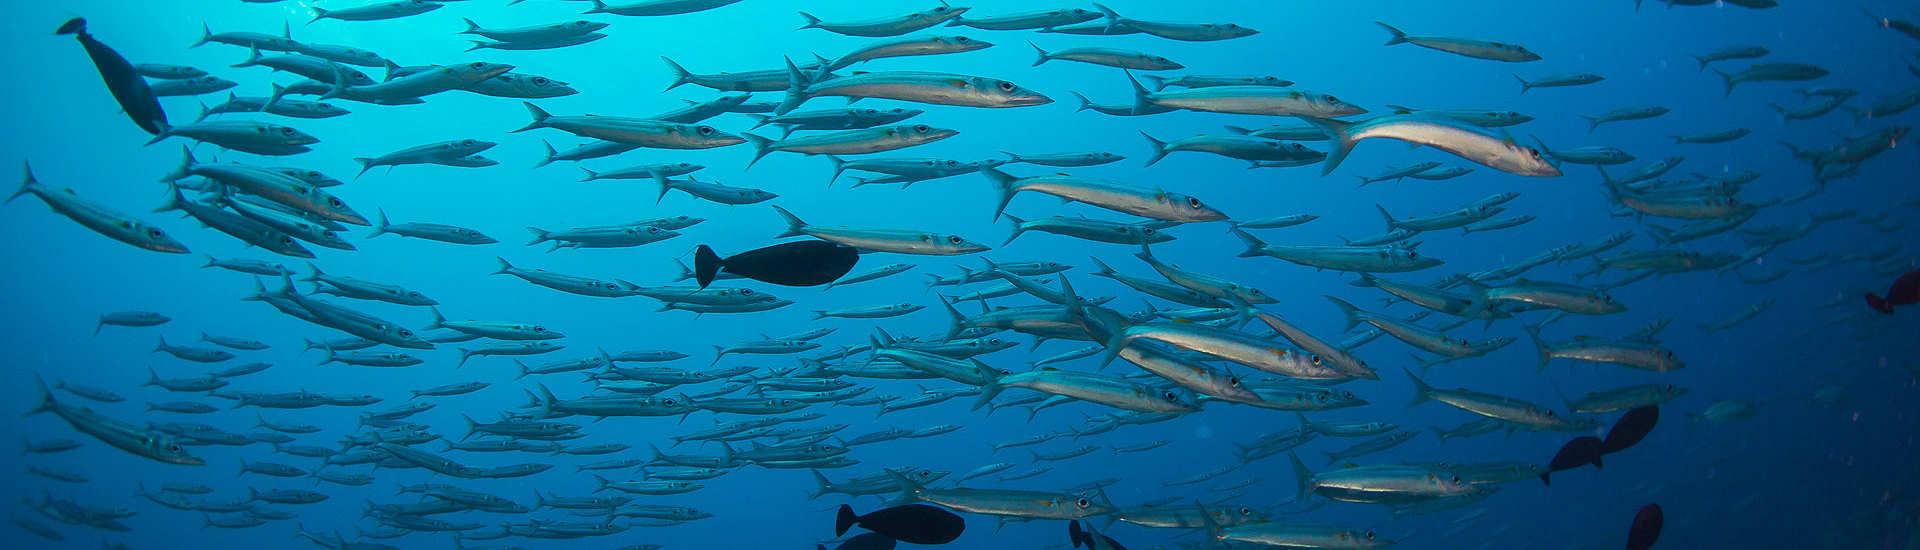 riesiger Fischreichtum – Tauchsfari Malediven